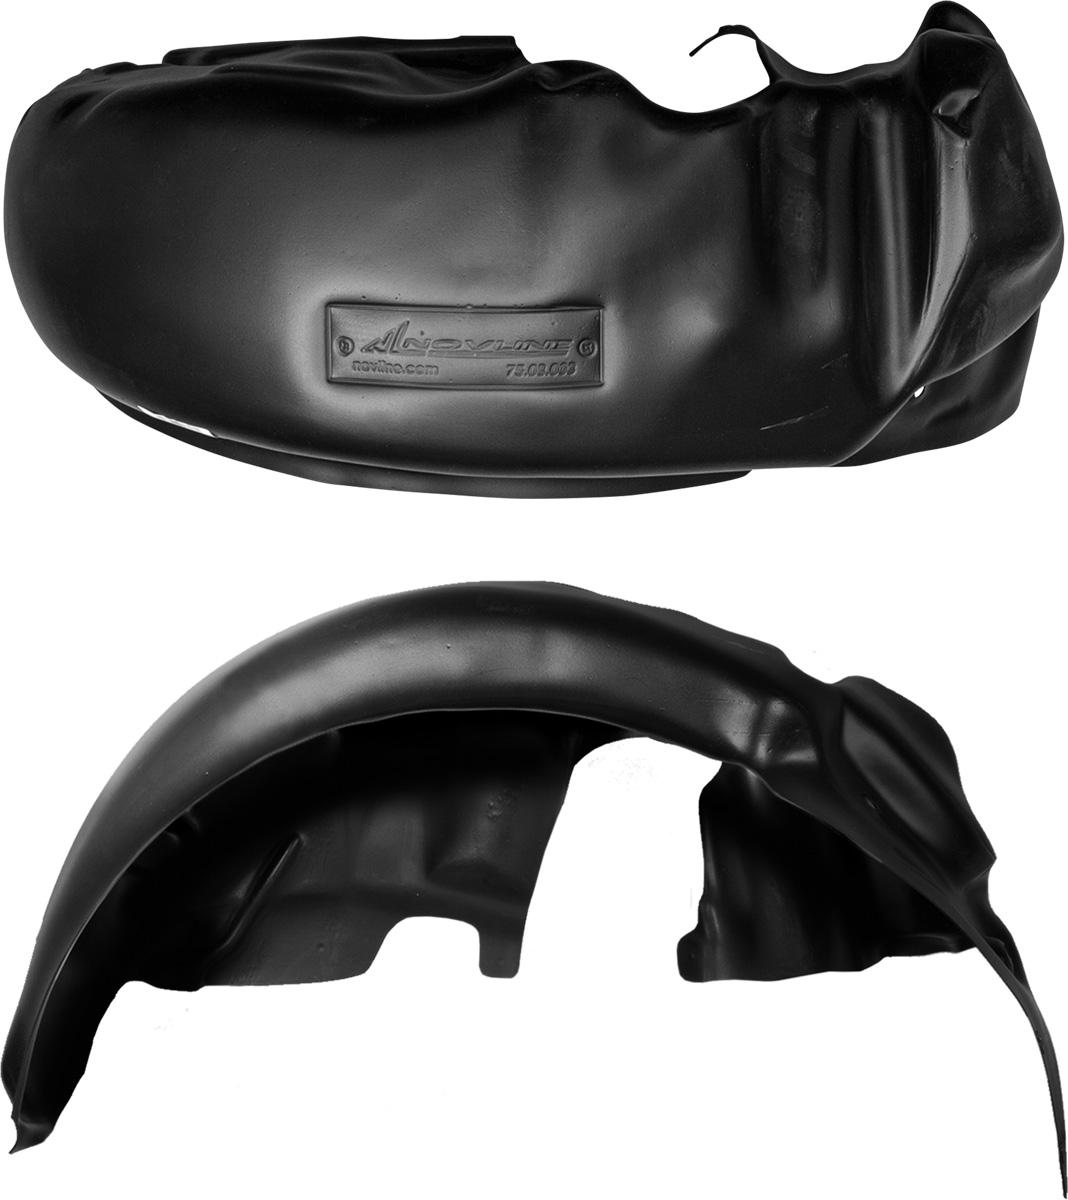 Подкрылок КIА RIO, 2011->, седан, задний левыйNLL.25.38.003Колесные ниши – одни из самых уязвимых зон днища вашего автомобиля. Они постоянно подвергаются воздействию со стороны дороги. Лучшая, почти абсолютная защита для них - специально отформованные пластиковые кожухи, которые называются подкрылками, или локерами. Производятся они как для отечественных моделей автомобилей, так и для иномарок. Подкрылки выполнены из высококачественного, экологически чистого пластика. Обеспечивают надежную защиту кузова автомобиля от пескоструйного эффекта и негативного влияния, агрессивных антигололедных реагентов. Пластик обладает более низкой теплопроводностью, чем металл, поэтому в зимний период эксплуатации использование пластиковых подкрылков позволяет лучше защитить колесные ниши от налипания снега и образования наледи. Оригинальность конструкции подчеркивает элегантность автомобиля, бережно защищает нанесенное на днище кузова антикоррозийное покрытие и позволяет осуществить крепление подкрылков внутри колесной арки практически без дополнительного крепежа и сверления, не нарушая при этом лакокрасочного покрытия, что предотвращает возникновение новых очагов коррозии. Технология крепления подкрылков на иномарки принципиально отличается от крепления на российские автомобили и разрабатывается индивидуально для каждой модели автомобиля. Подкрылки долговечны, обладают высокой прочностью и сохраняют заданную форму, а также все свои физико-механические характеристики в самых тяжелых климатических условиях ( от -50° С до + 50° С).